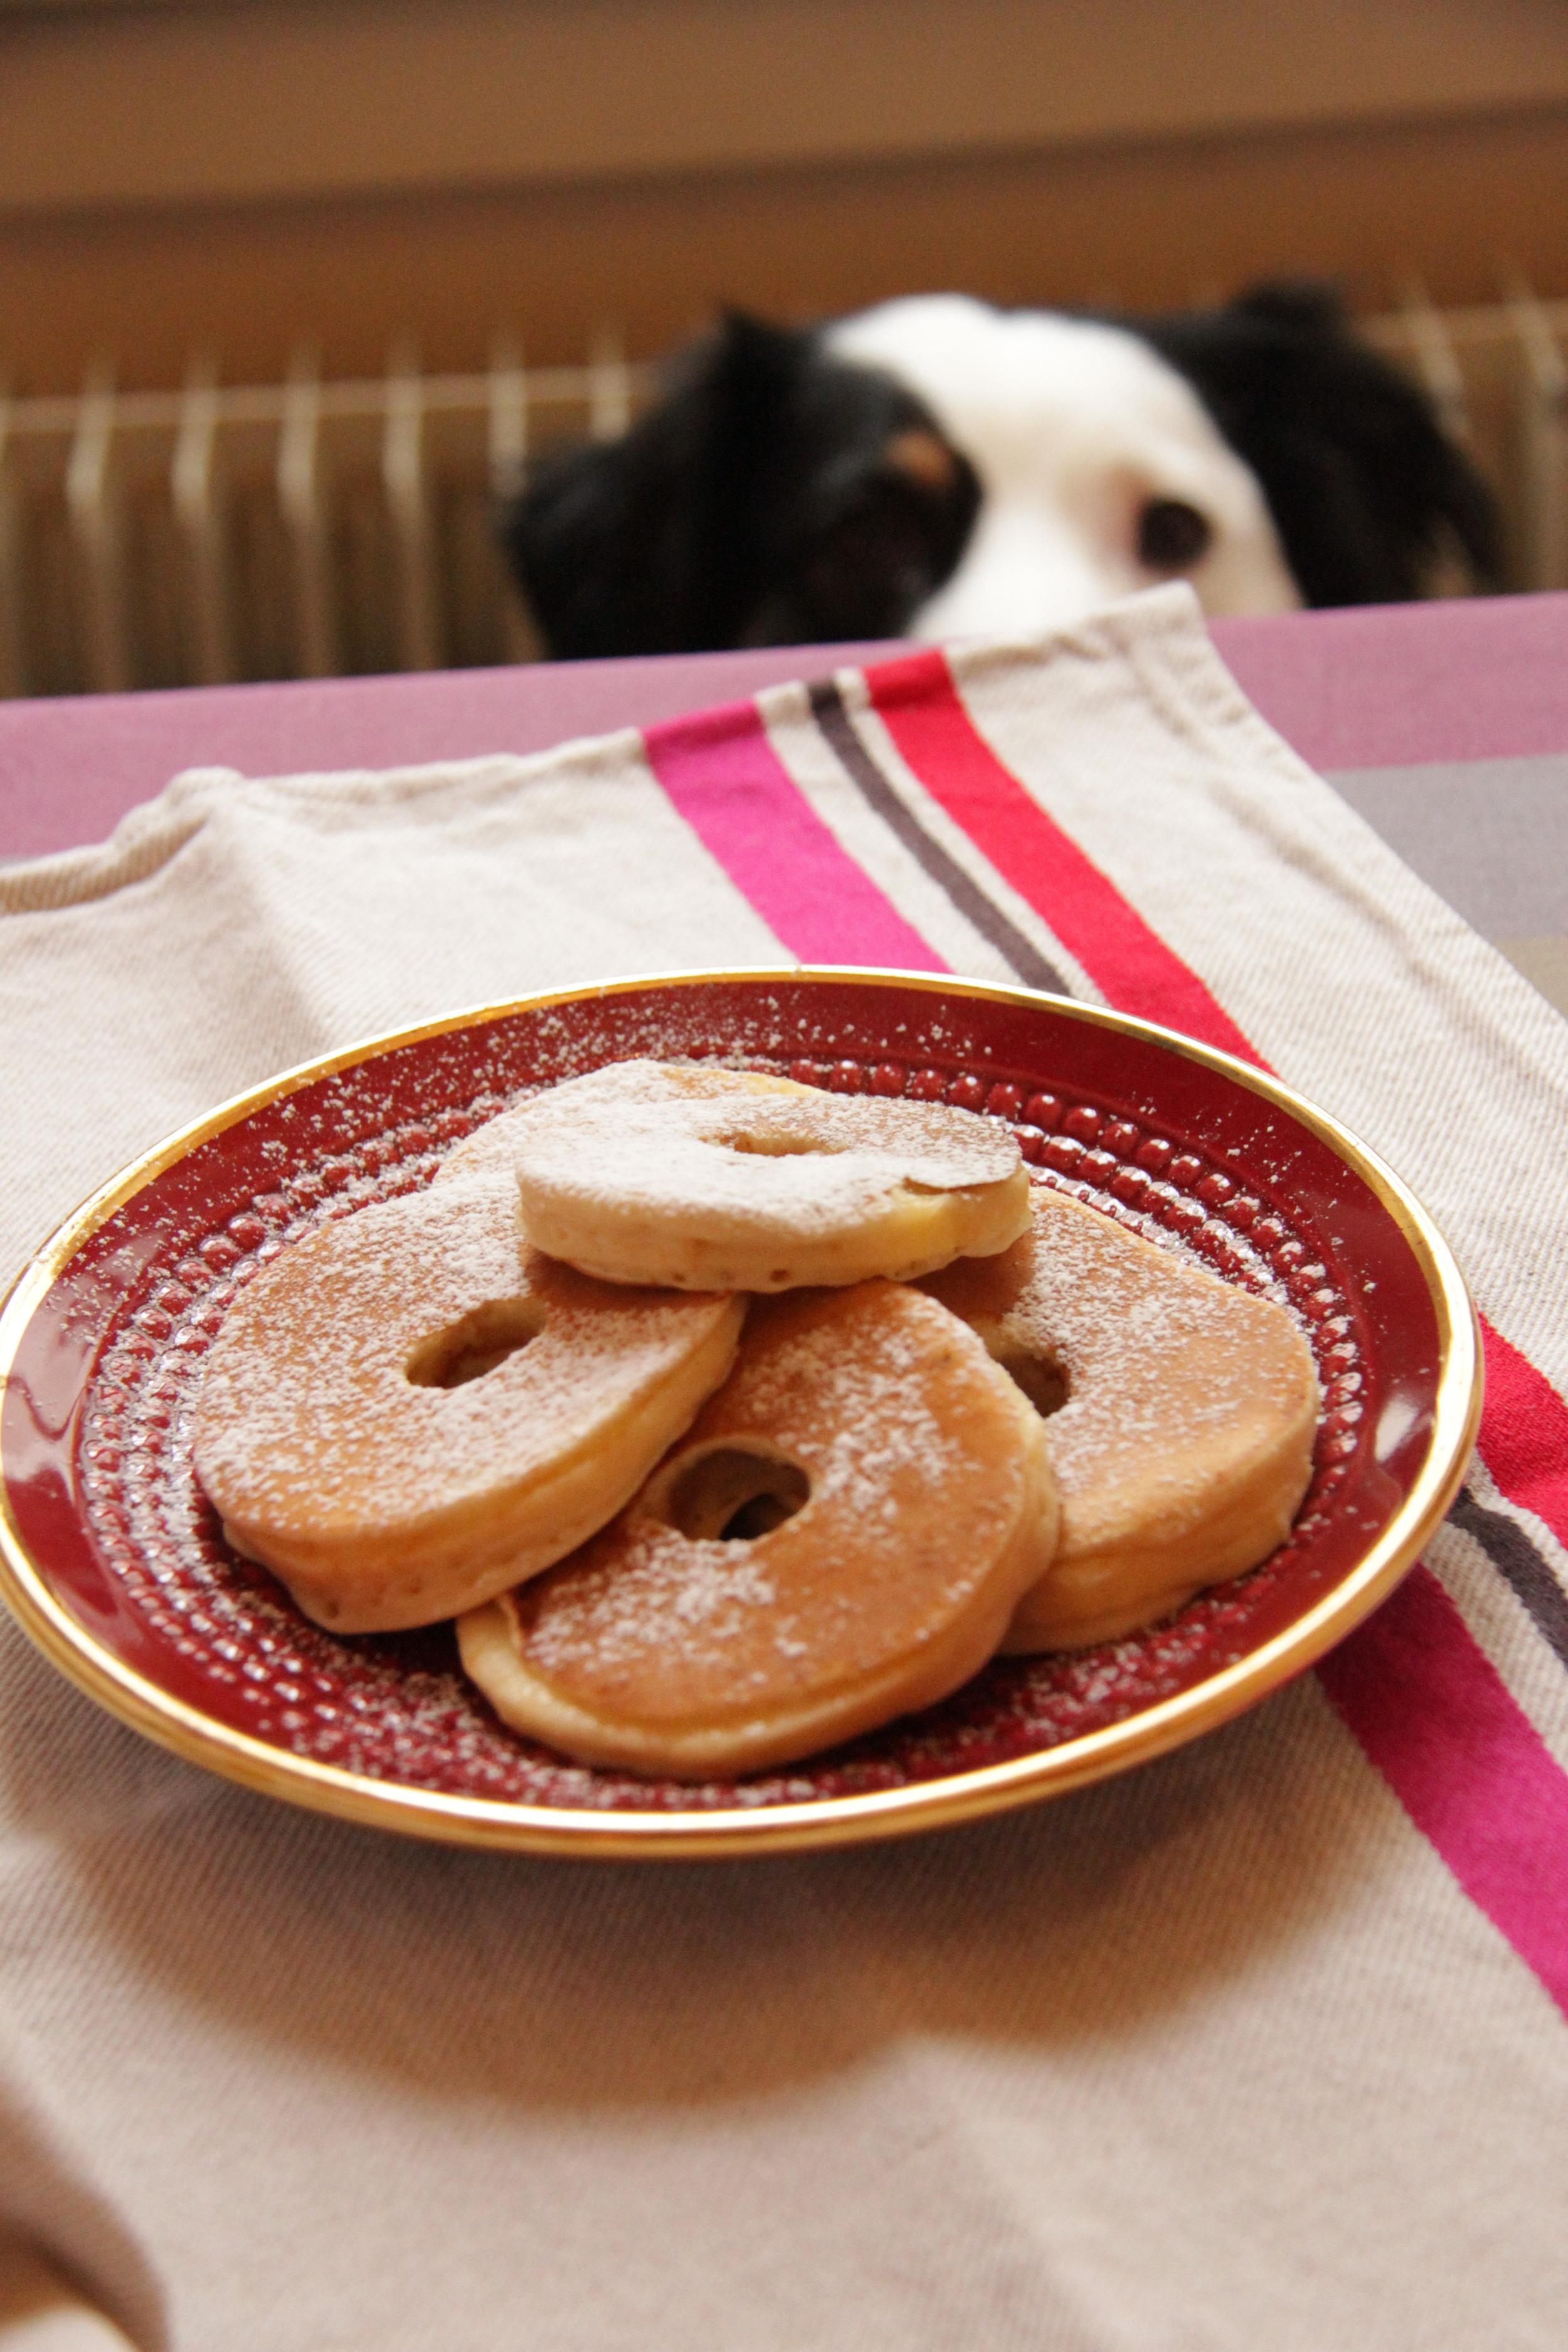 Pancakes aux rondelles de pommes - The Flying Flour